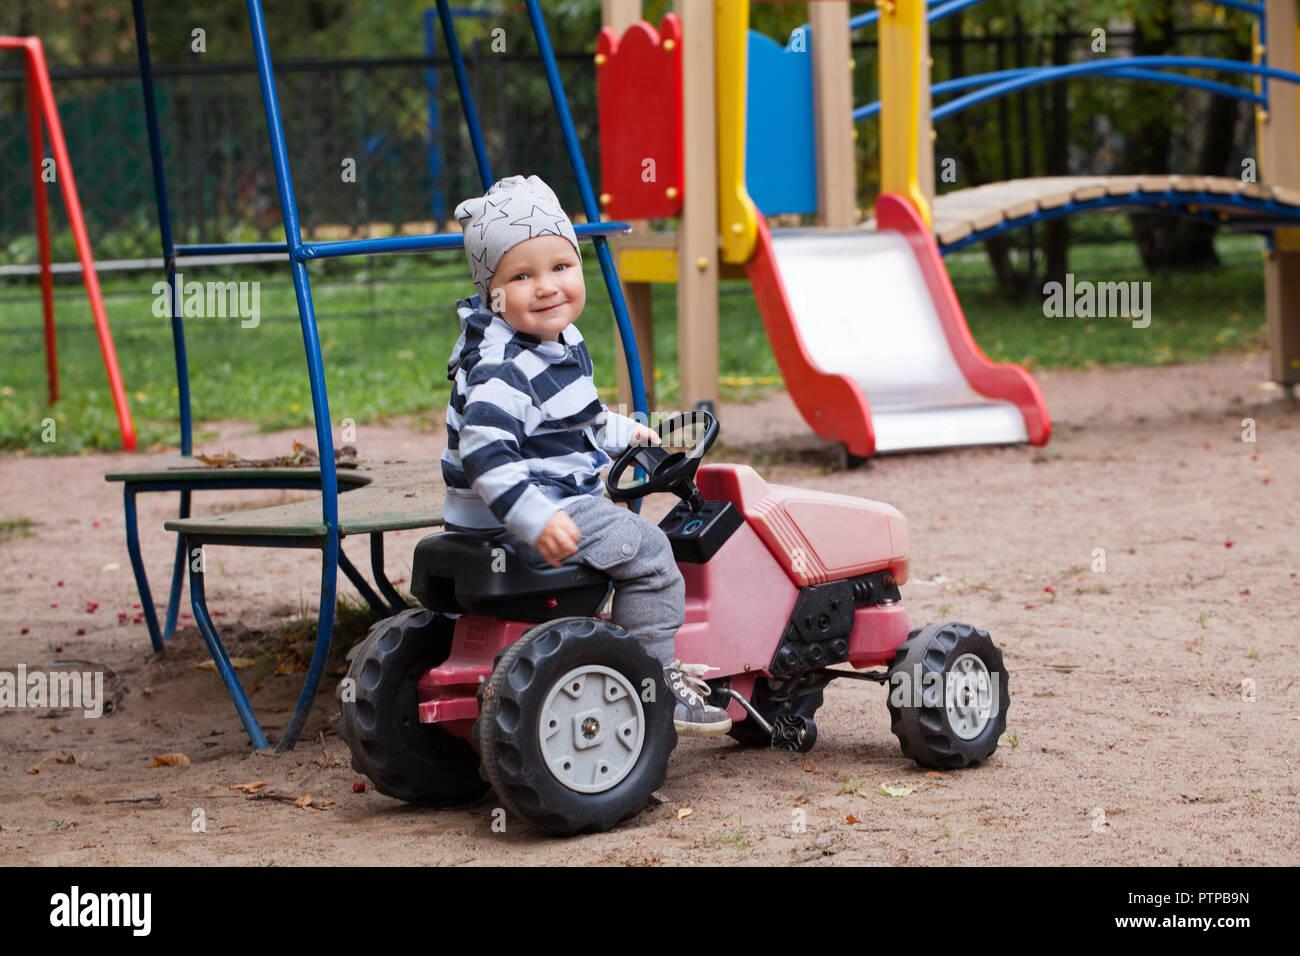 Garçon Dans De Jeux Et Conduite Petit Une D Jouant Aire Enfant La OXuPZki